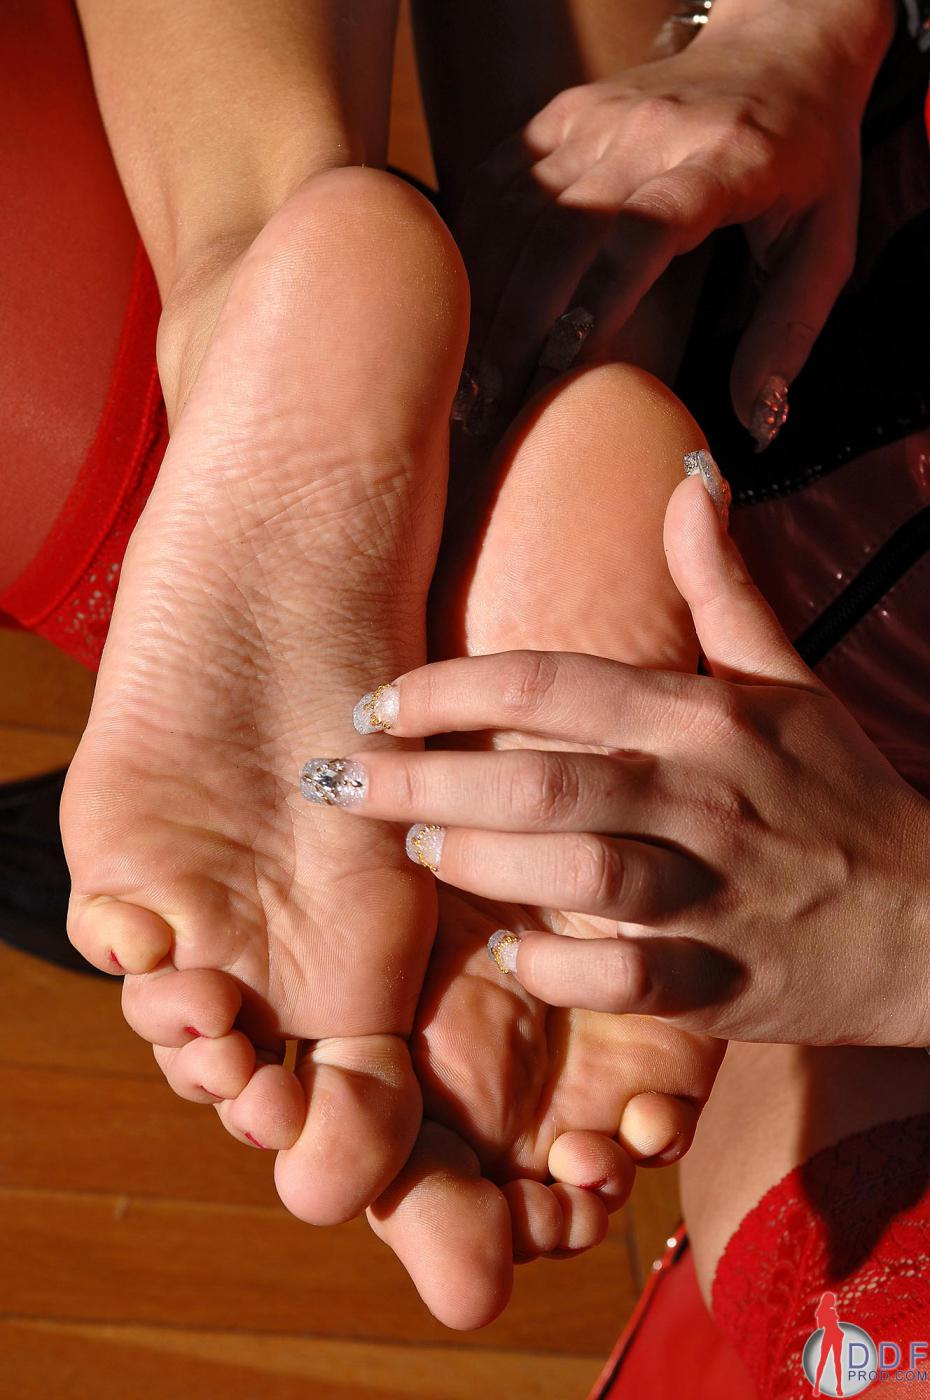 Remarkable, angel pink foot fetish consider